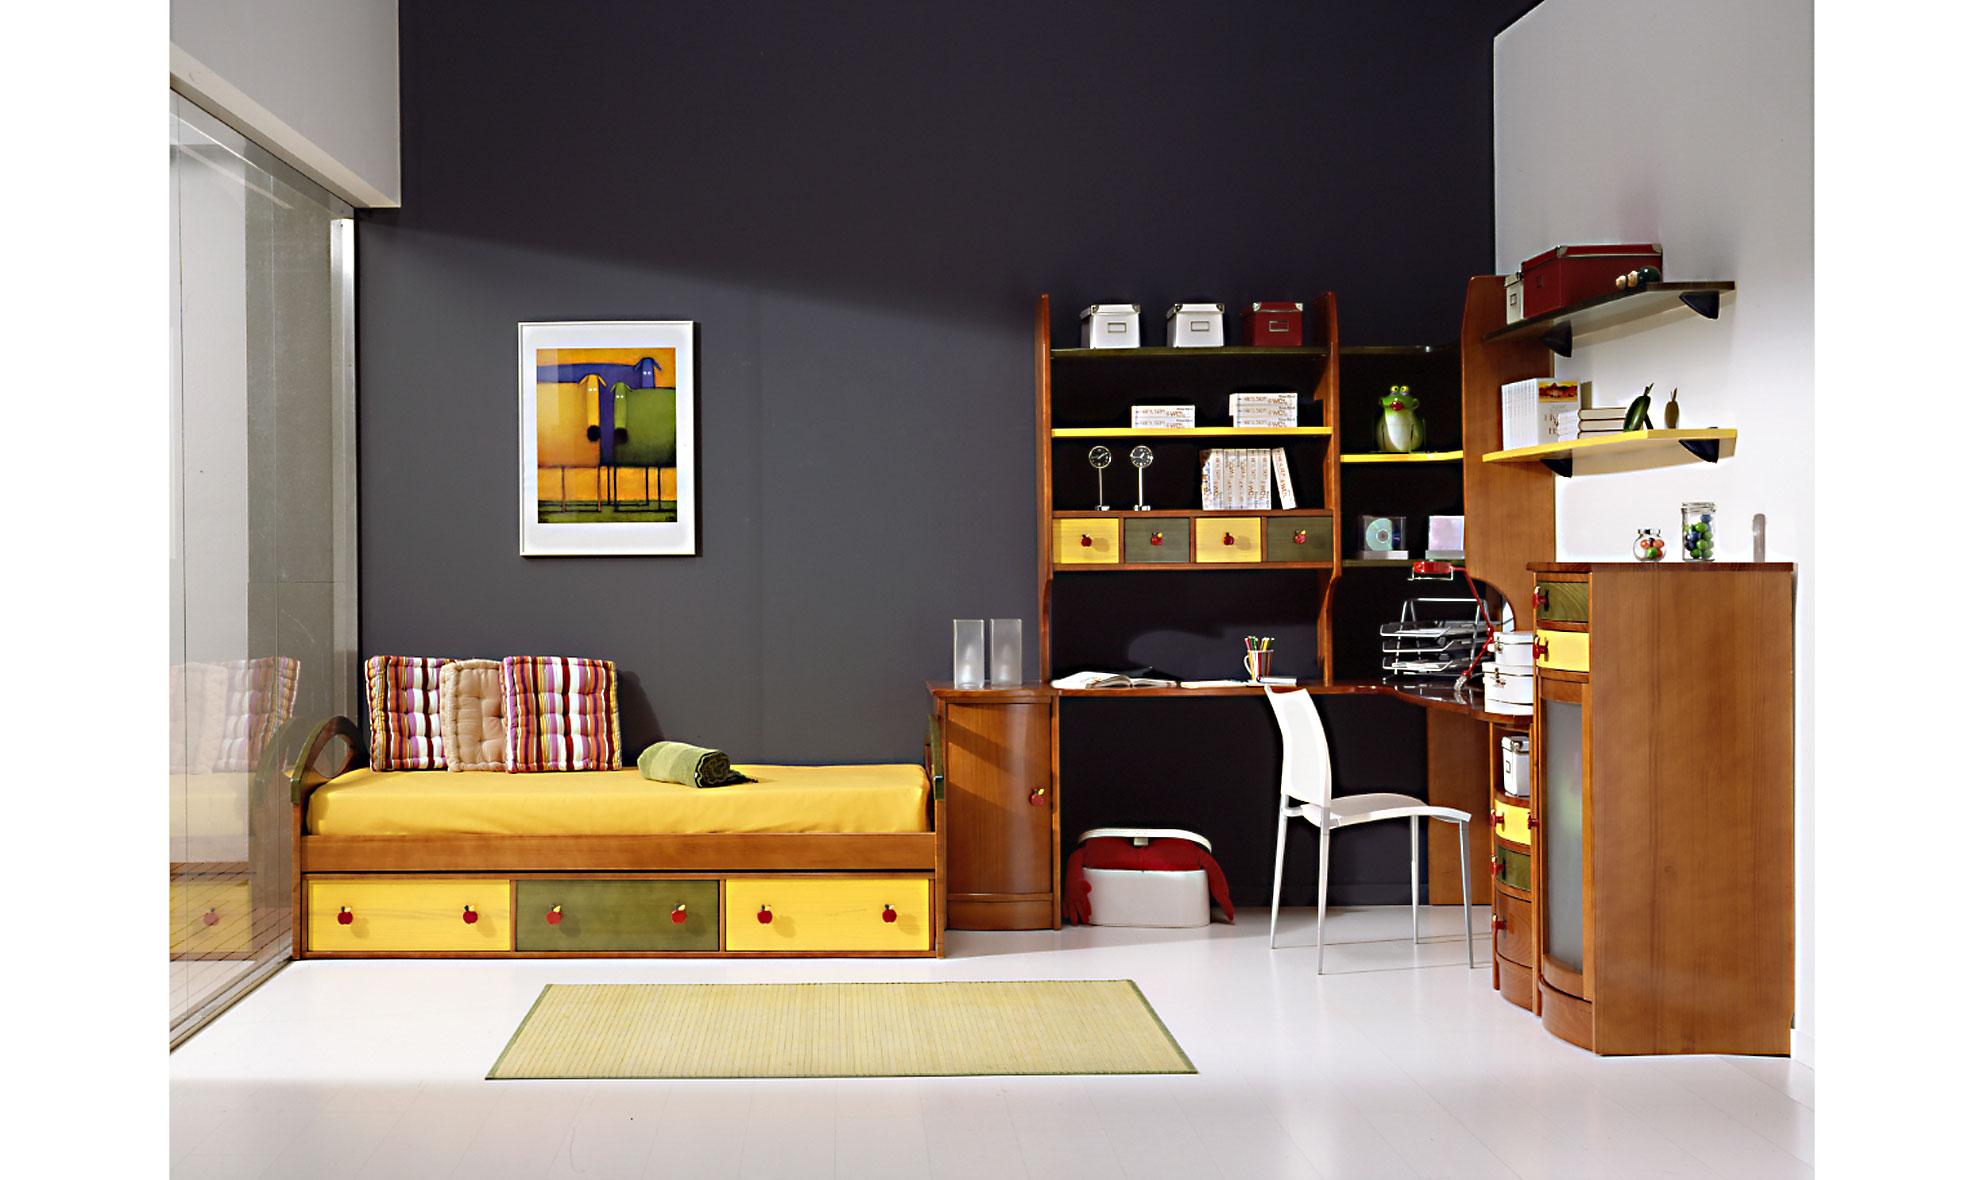 América de lujo en Portobellodeluxecom Tu tienda de muebles de lujo